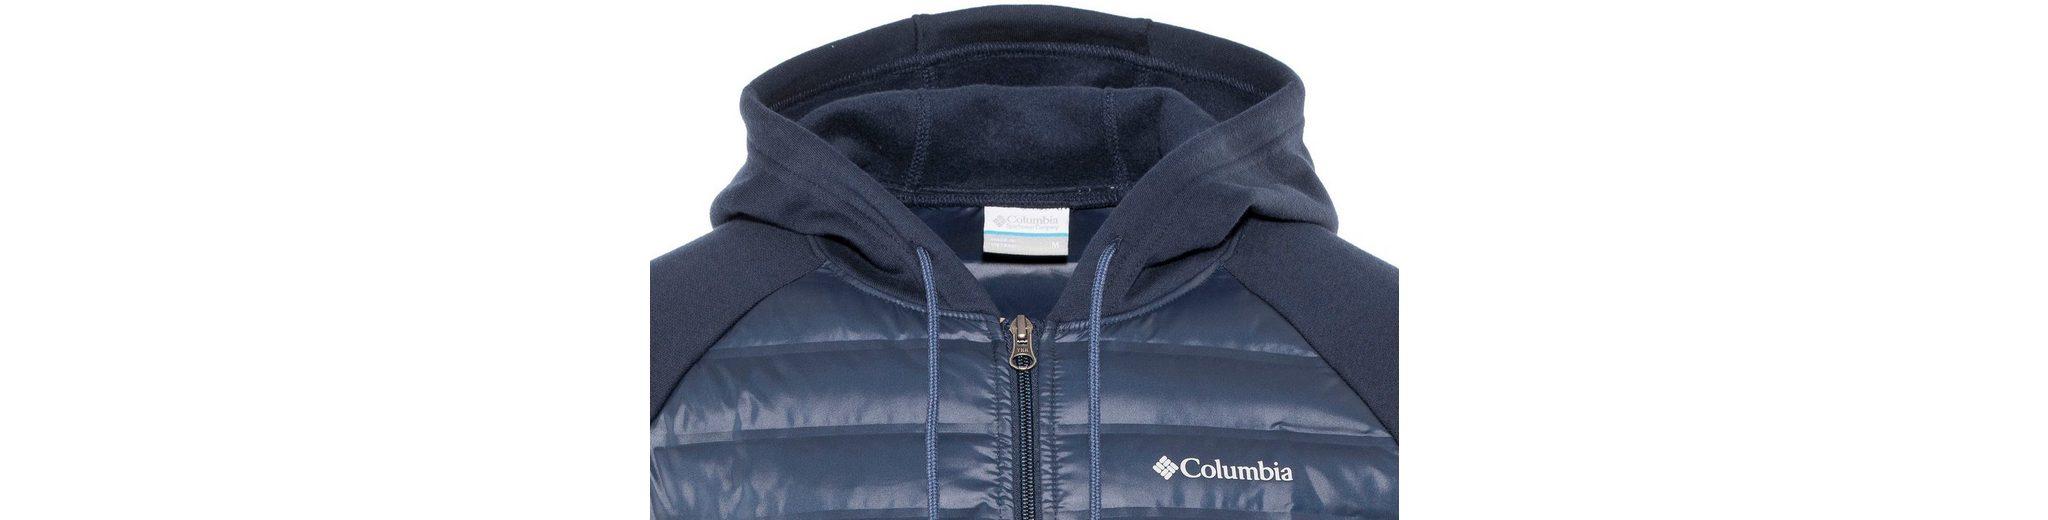 Columbia Outdoorjacke Northern Comfor Hoody Men Günstig Kaufen Auslassstellen Finden Große Zum Verkauf VNA5FRfef